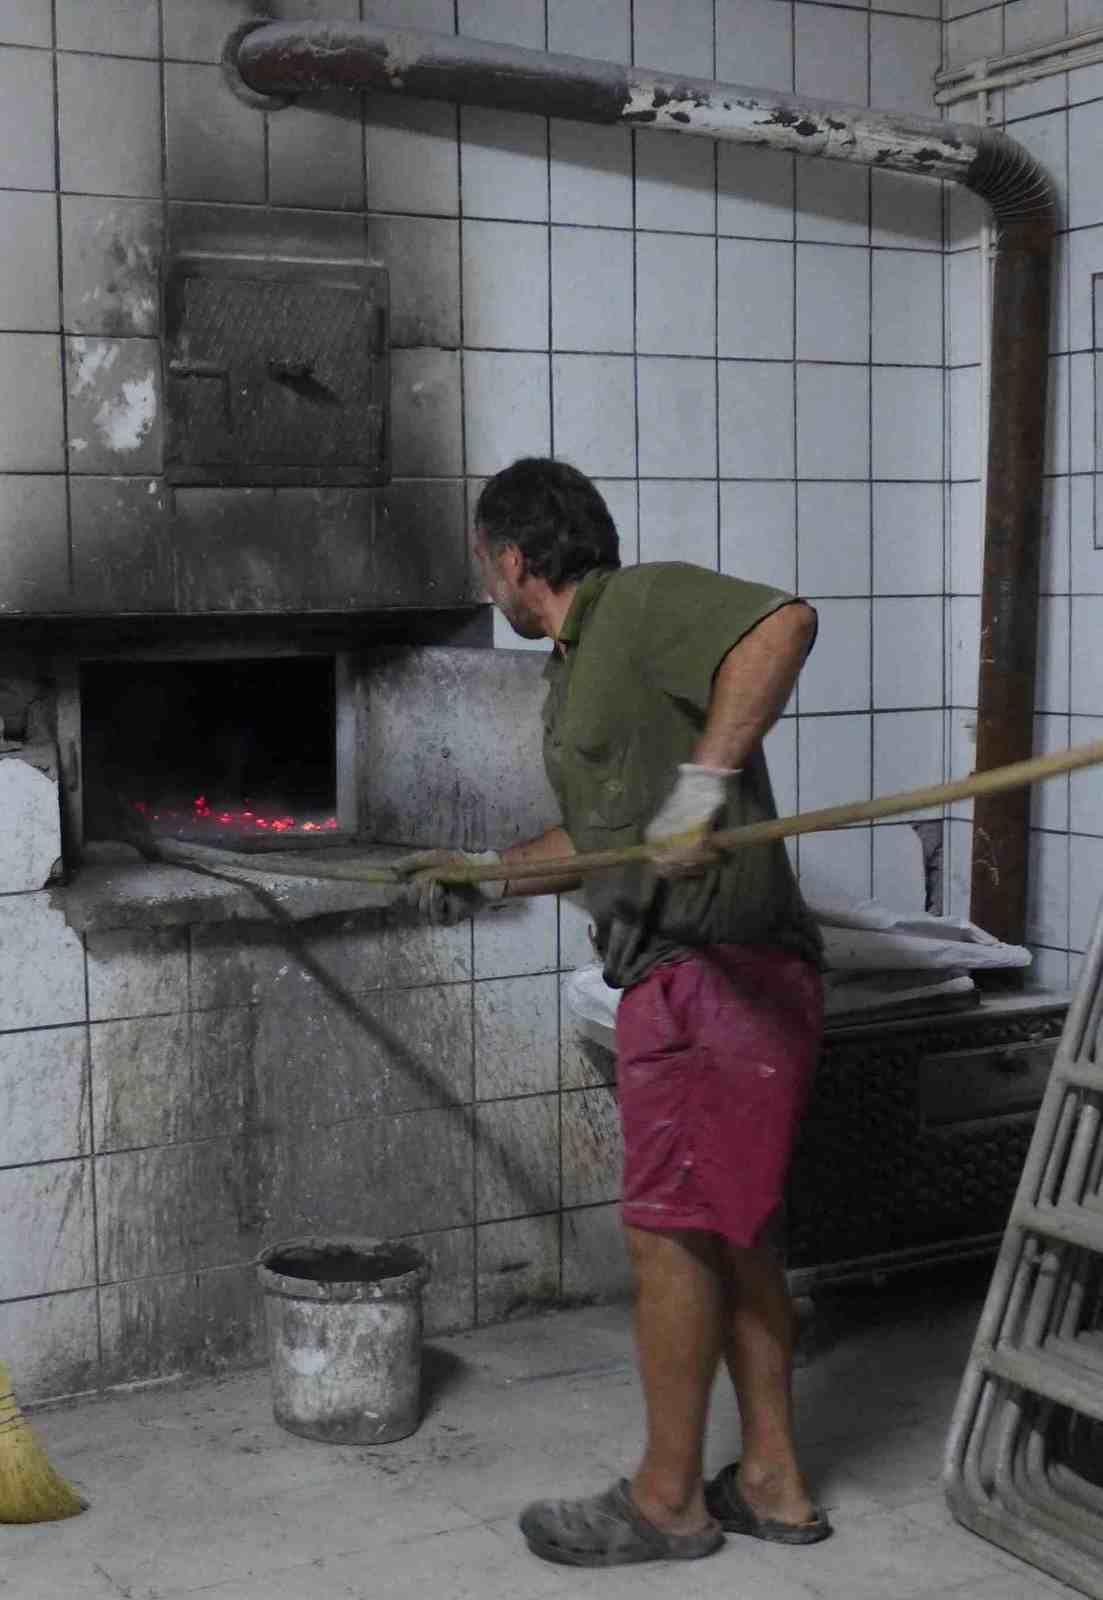 Photo 1 Drago au service du fameux café Serbe sous les explications de Katia, Photo 2 Ljuboje devant son four et Drago, Photo 3 et 4 la boulange, photo 5 à 8 au travail photo 9 Reveil gourmand dans la tente avec le pain offert par Ljuboje